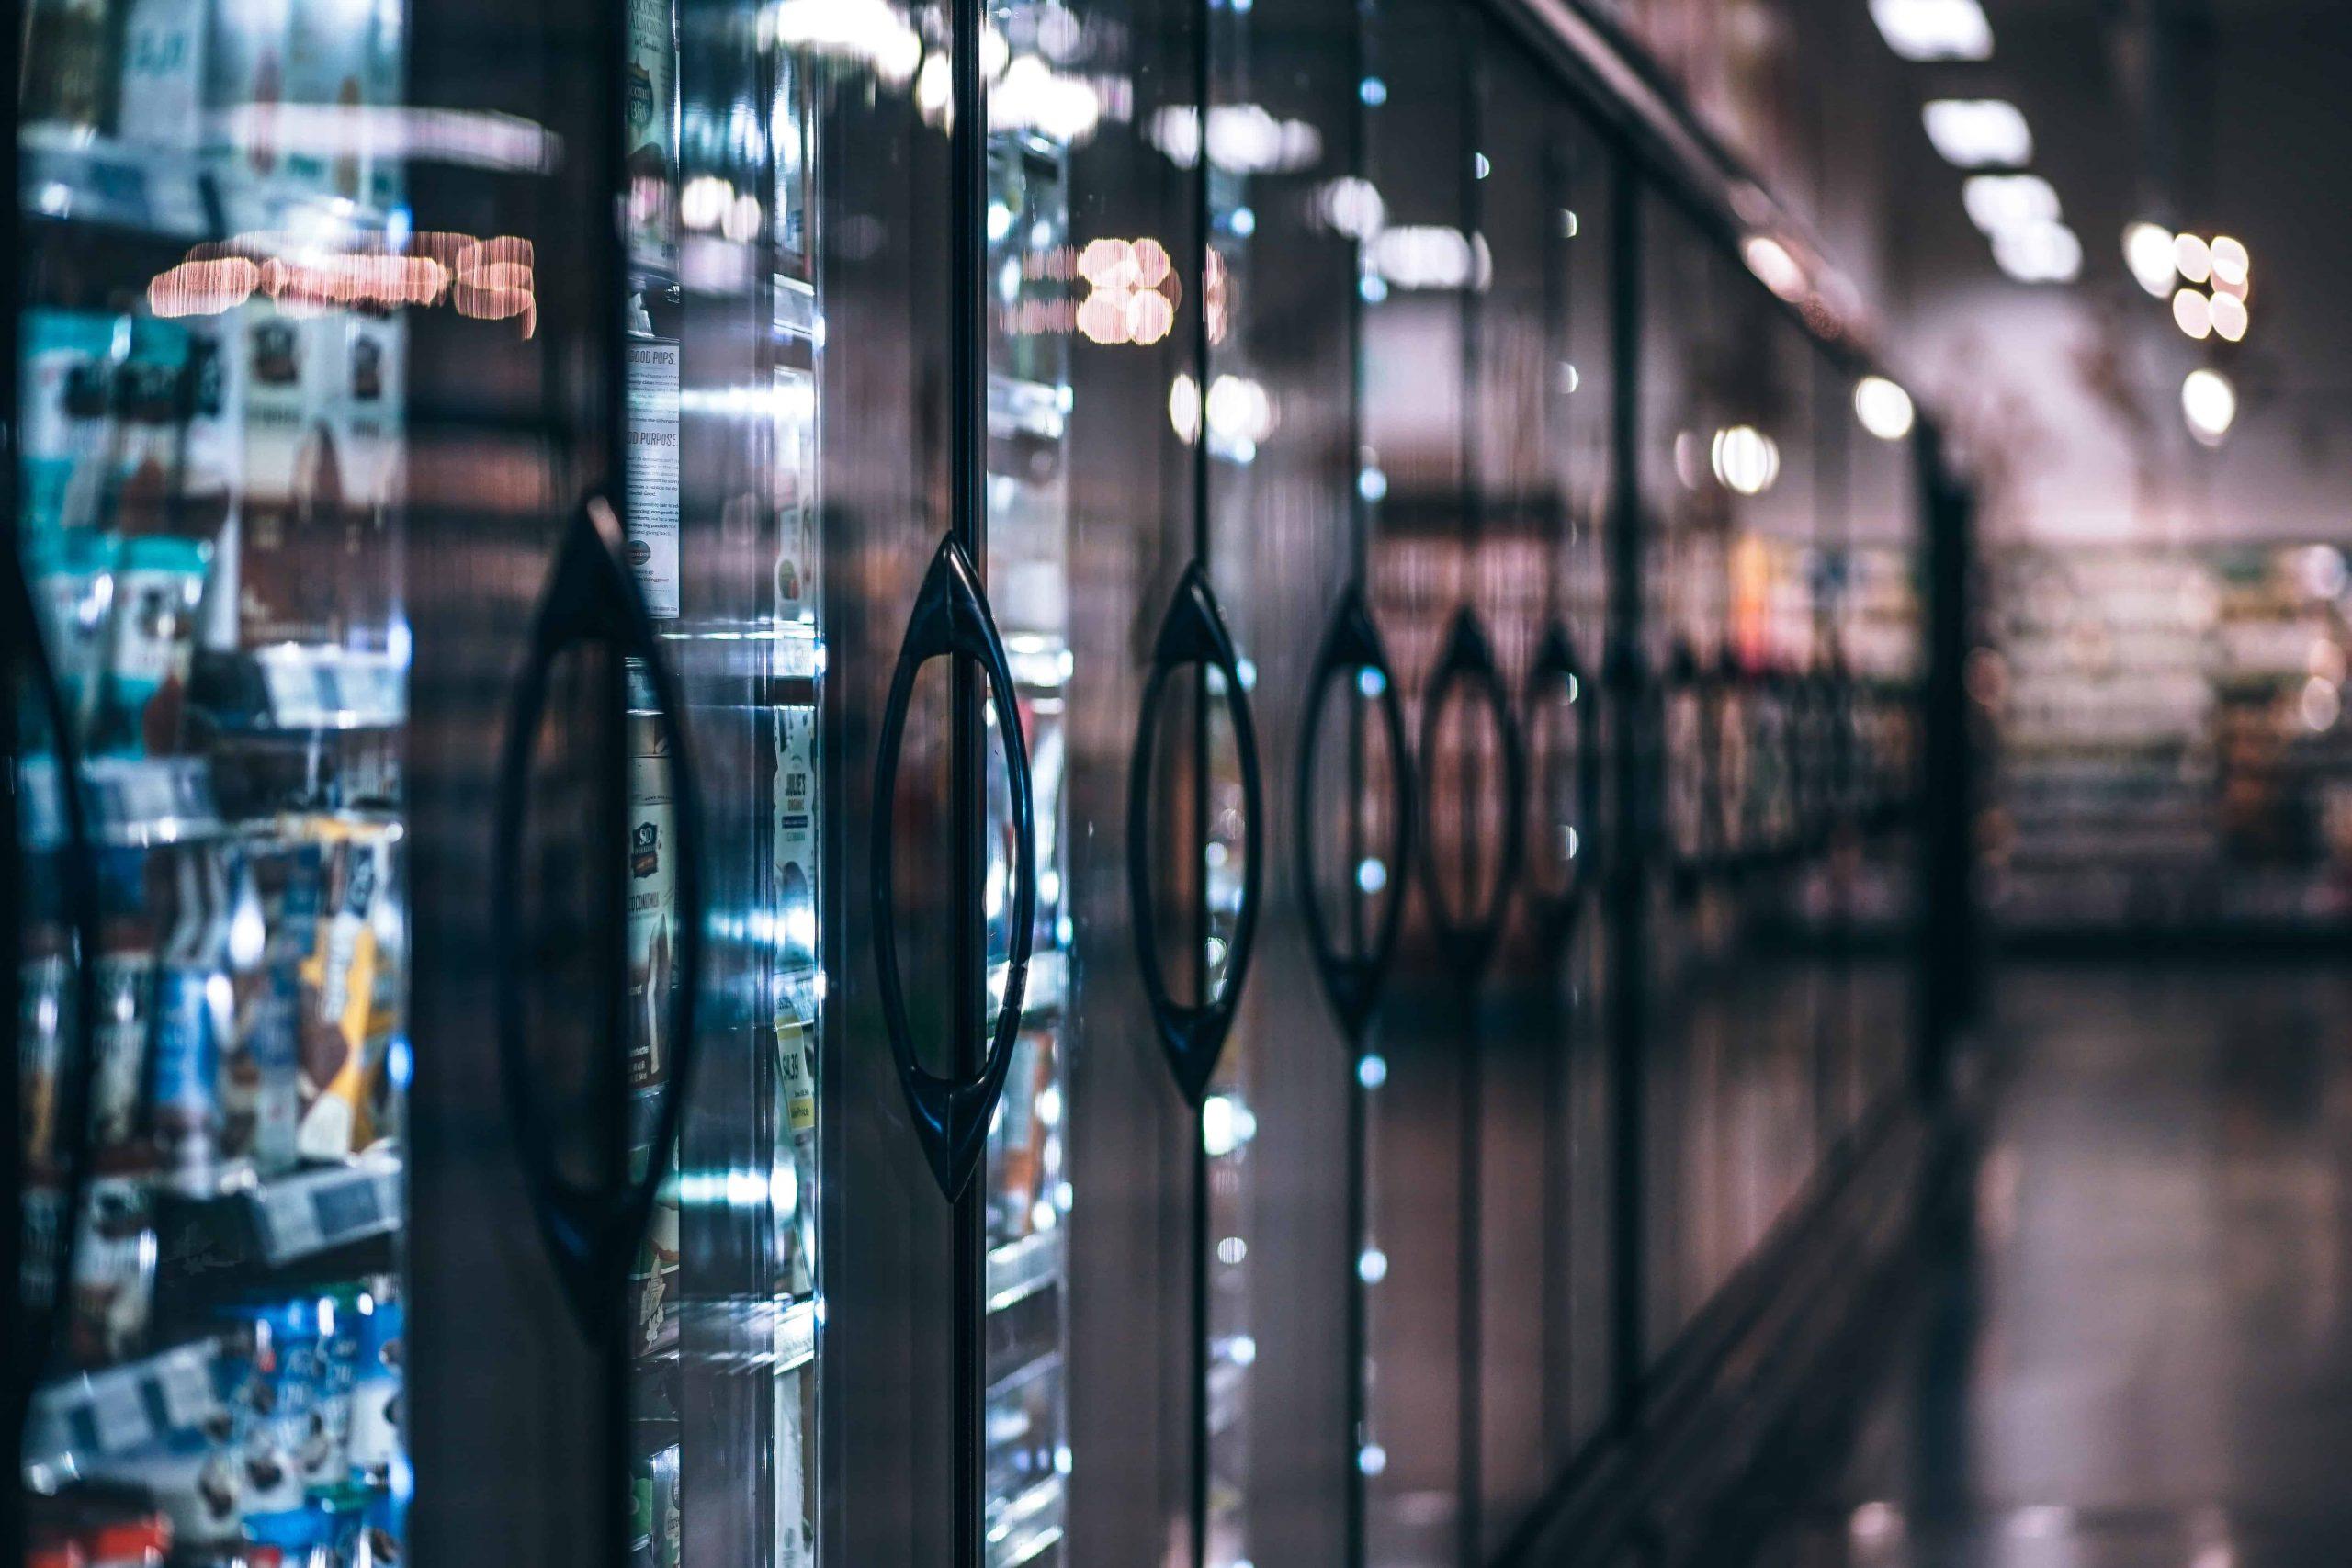 Einbaukühlschrank: Test & Empfehlungen (03/21)